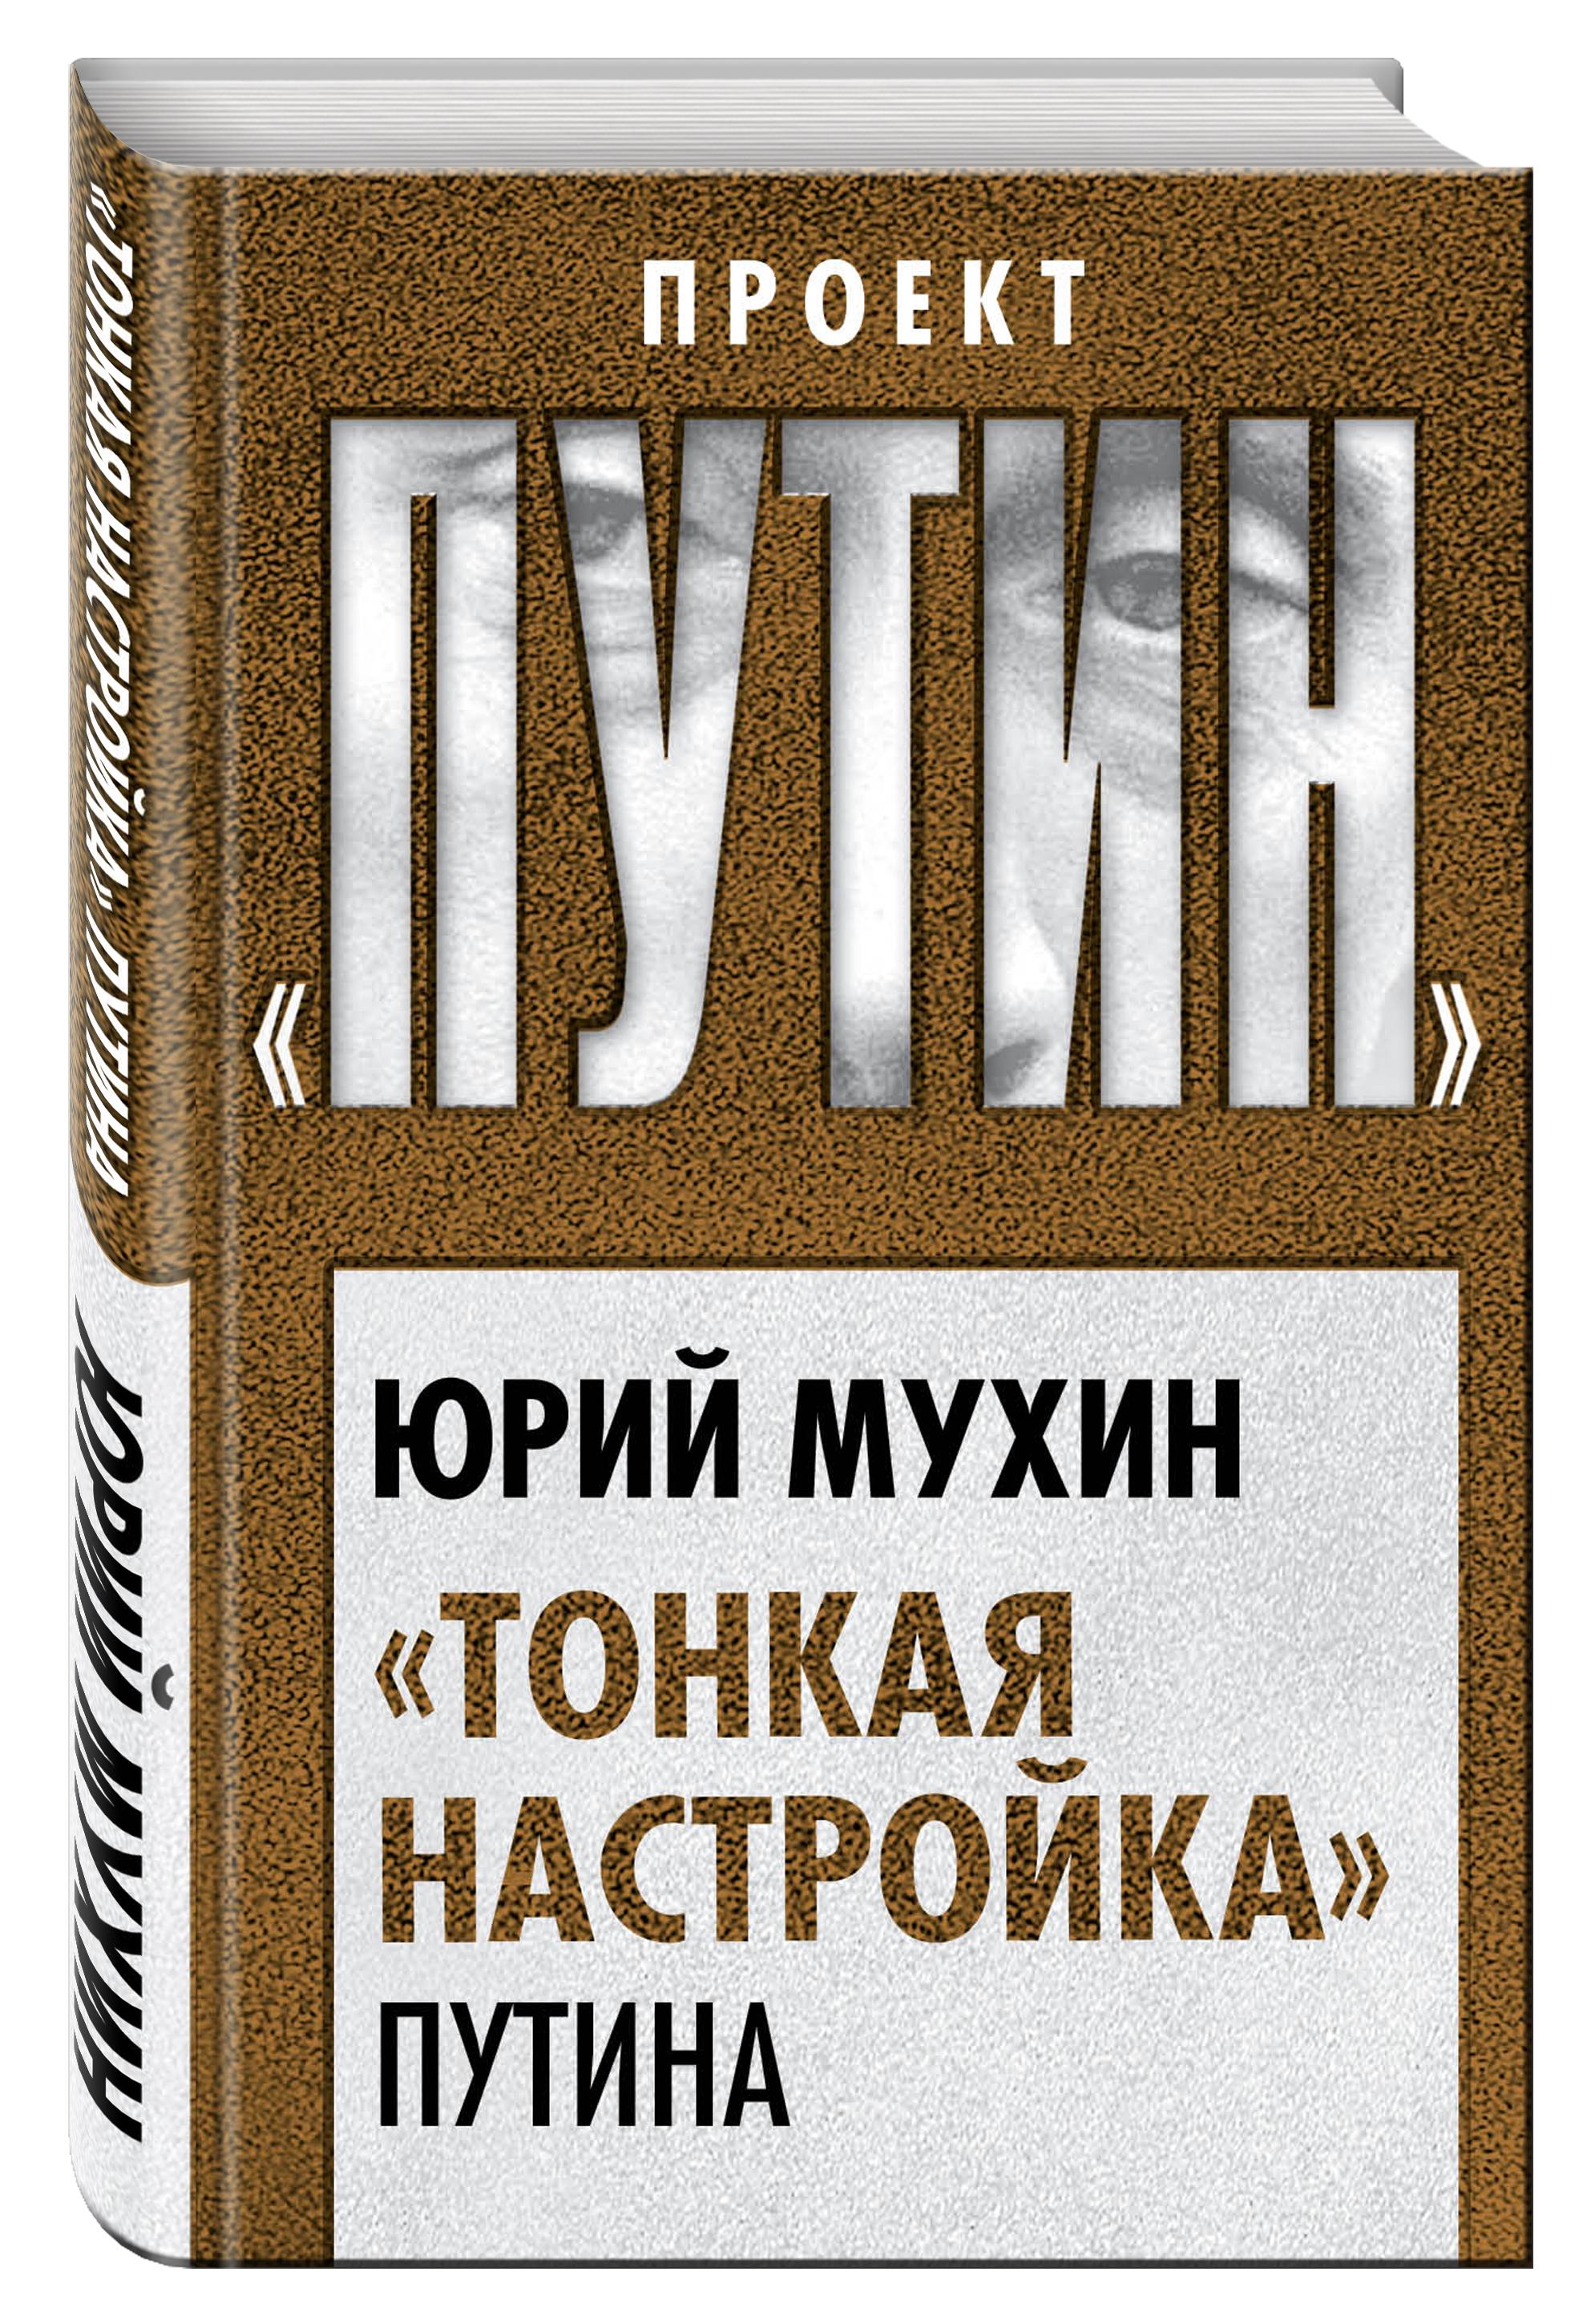 Юрий Мухин «Тонкая настройка» Путина алексей мухин пакт путина медведева прочный мир или временный союз